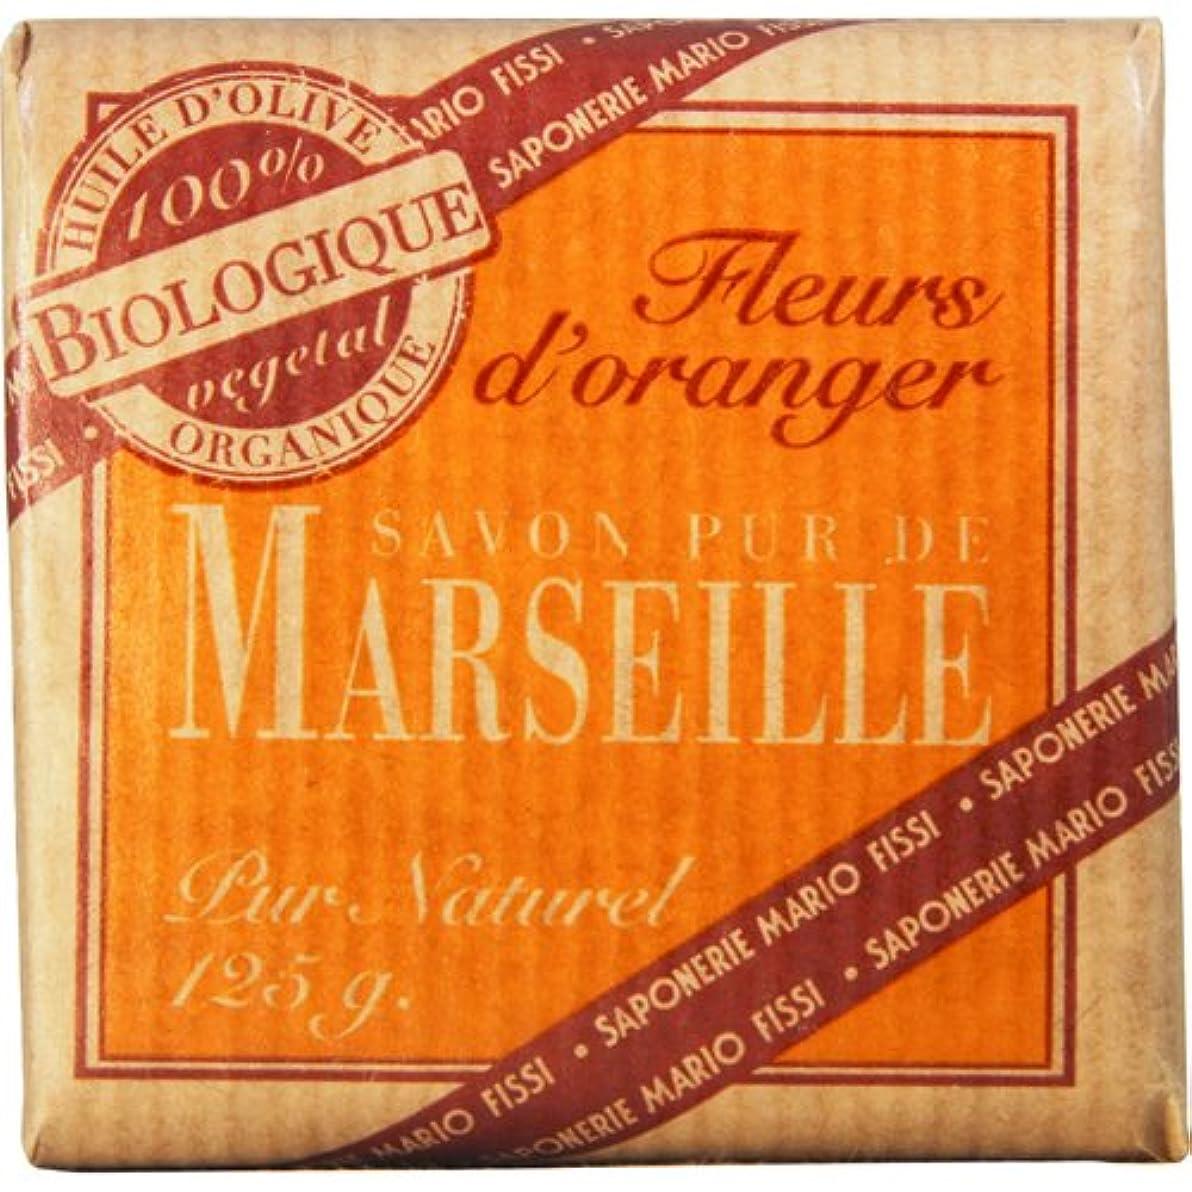 失望させるフェリー語Saponerire Fissi マルセイユシリーズ マルセイユソープ 125g Orange Flower オレンジフラワー